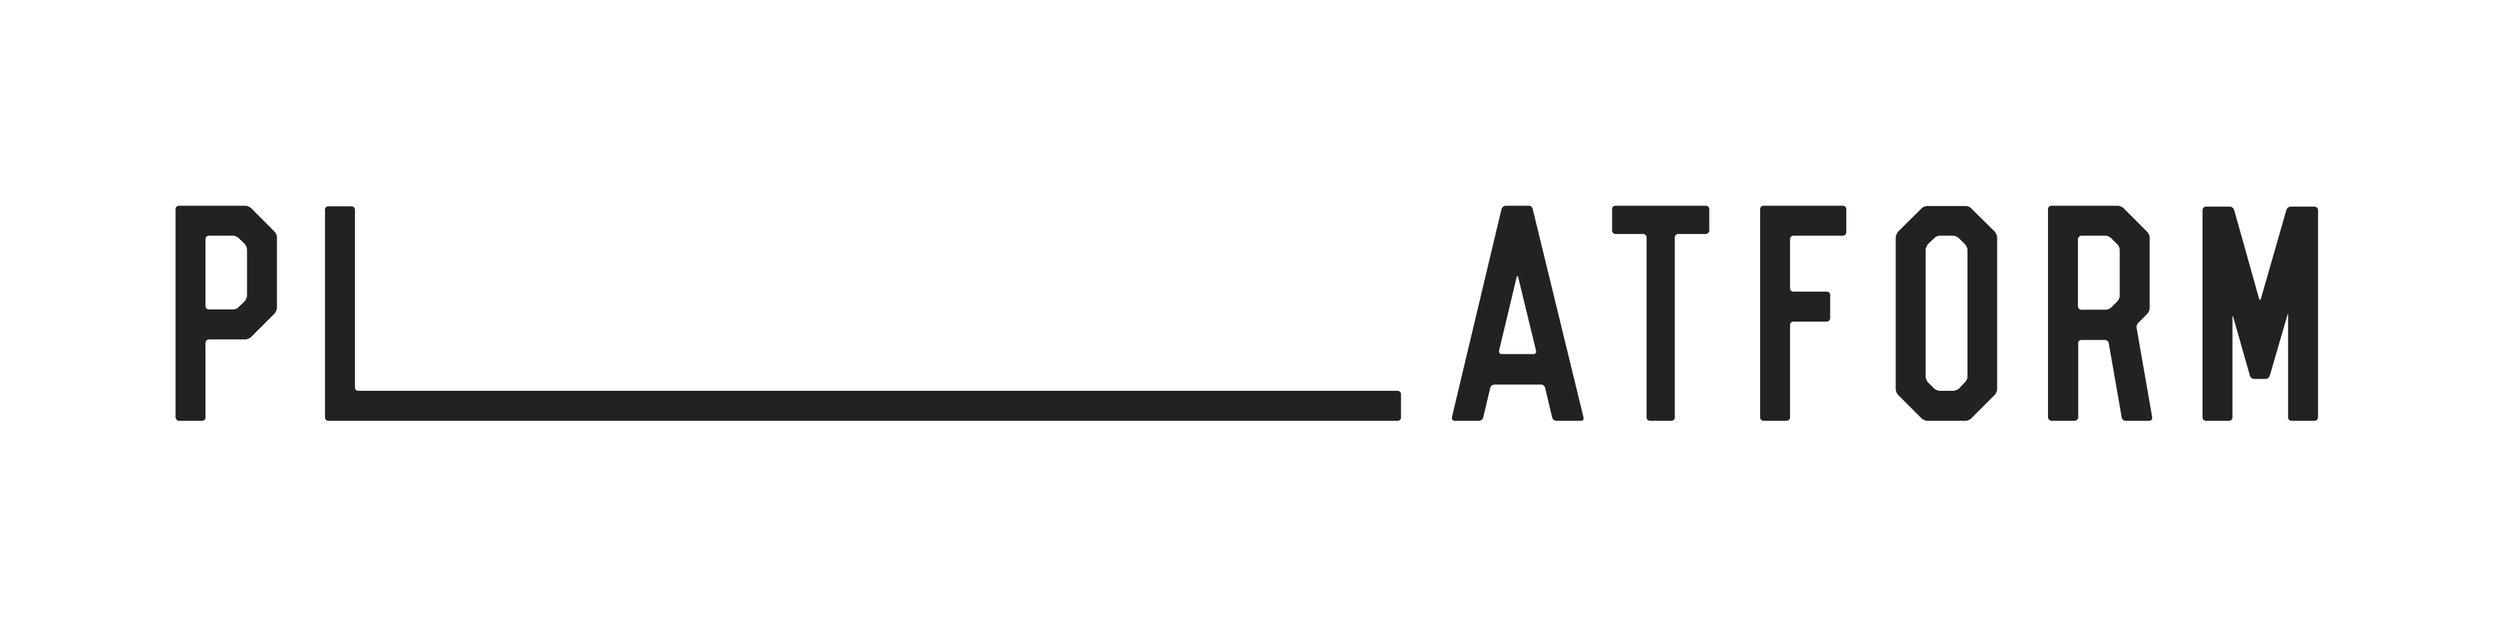 Platform_Main_Logo.jpg